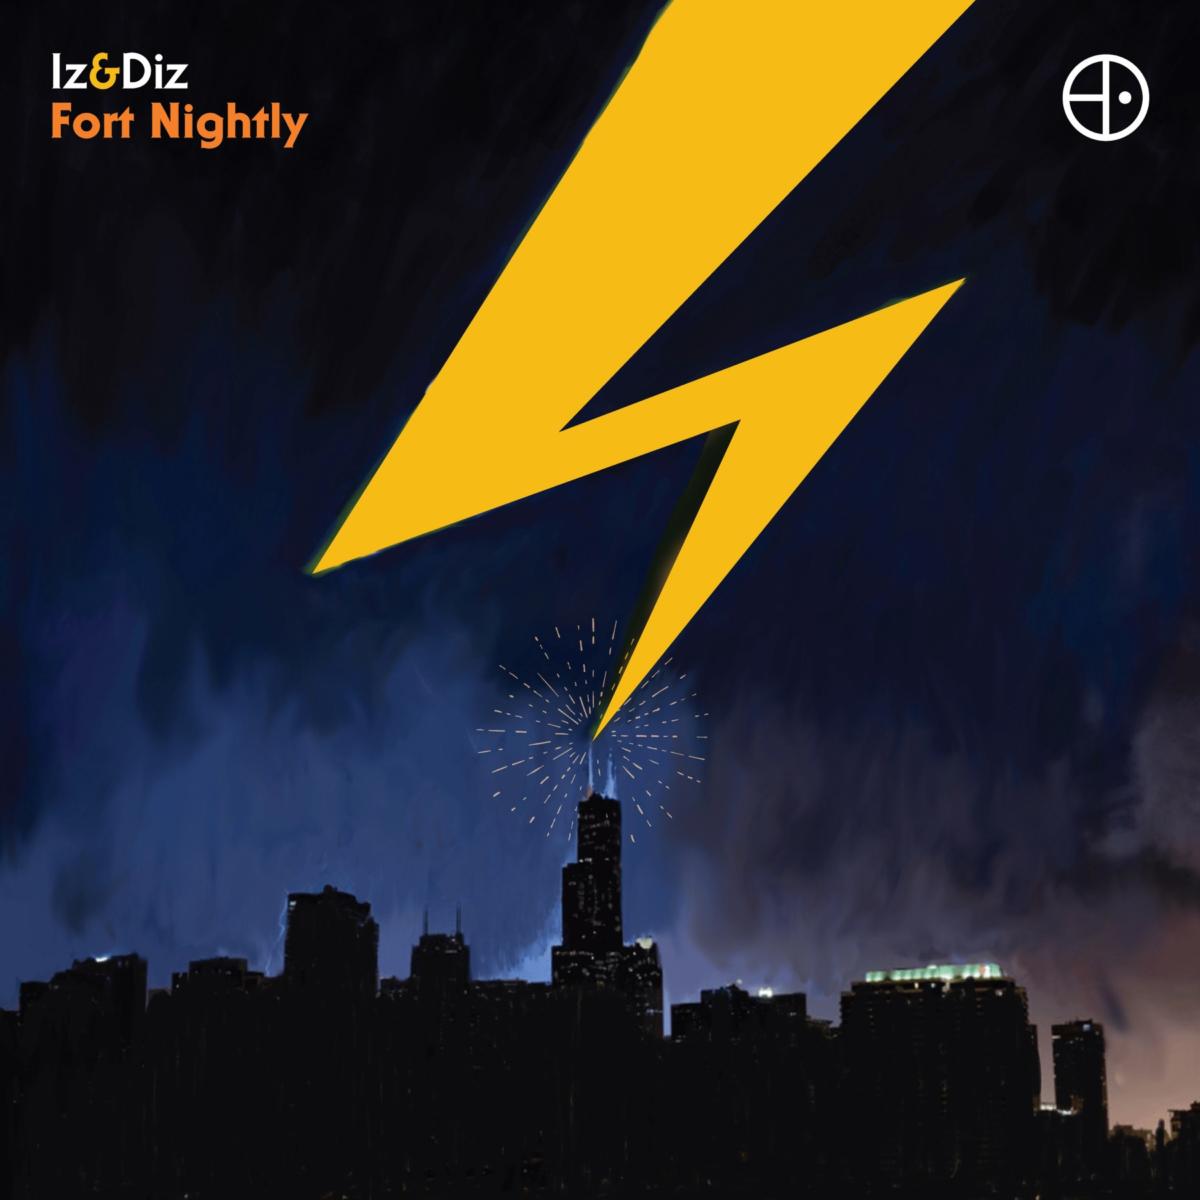 VIZLP2 Iz & Diz - Fort Nightly LP